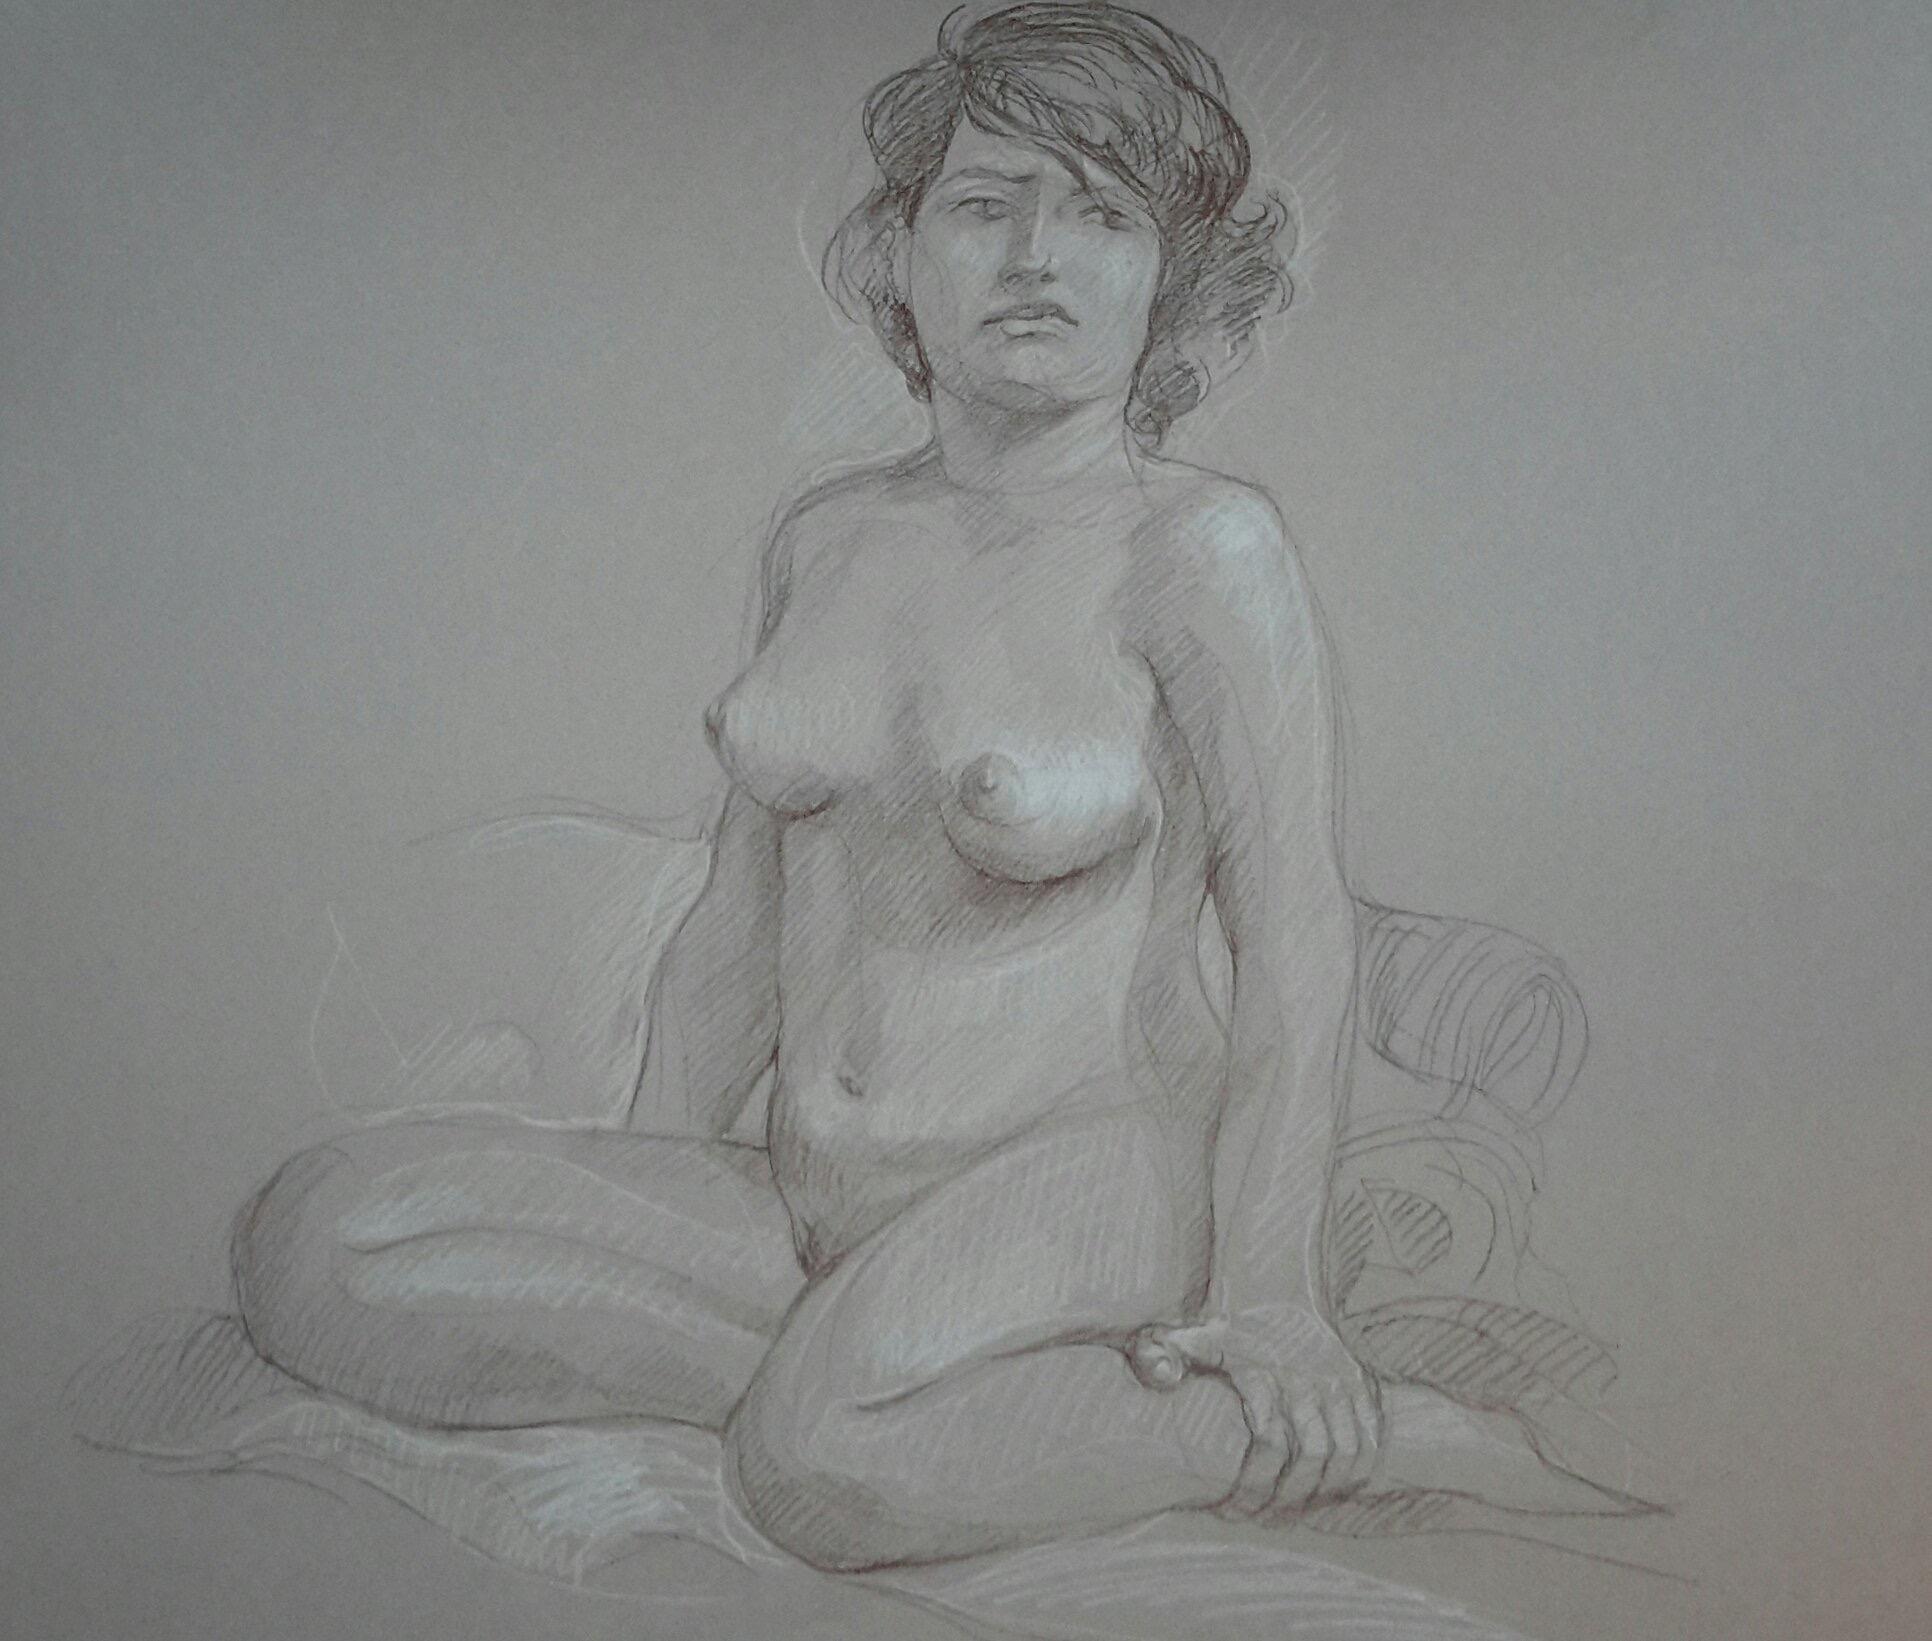 Modèle vivant 49 : pierre noire et crayon blanc